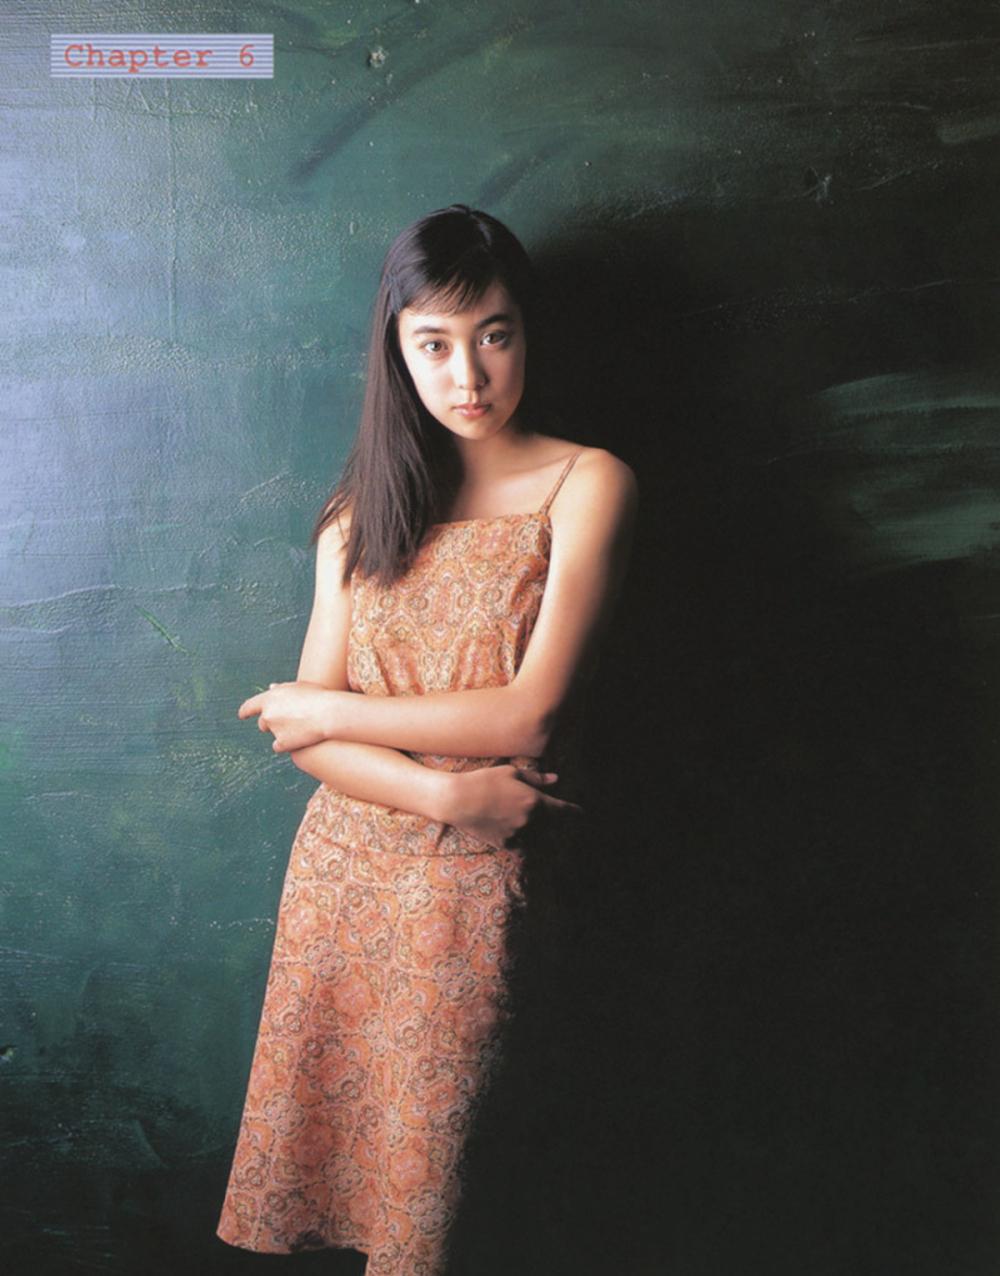 被锁在保险柜里的日本艺人吹石一惠的写真作品 (17)